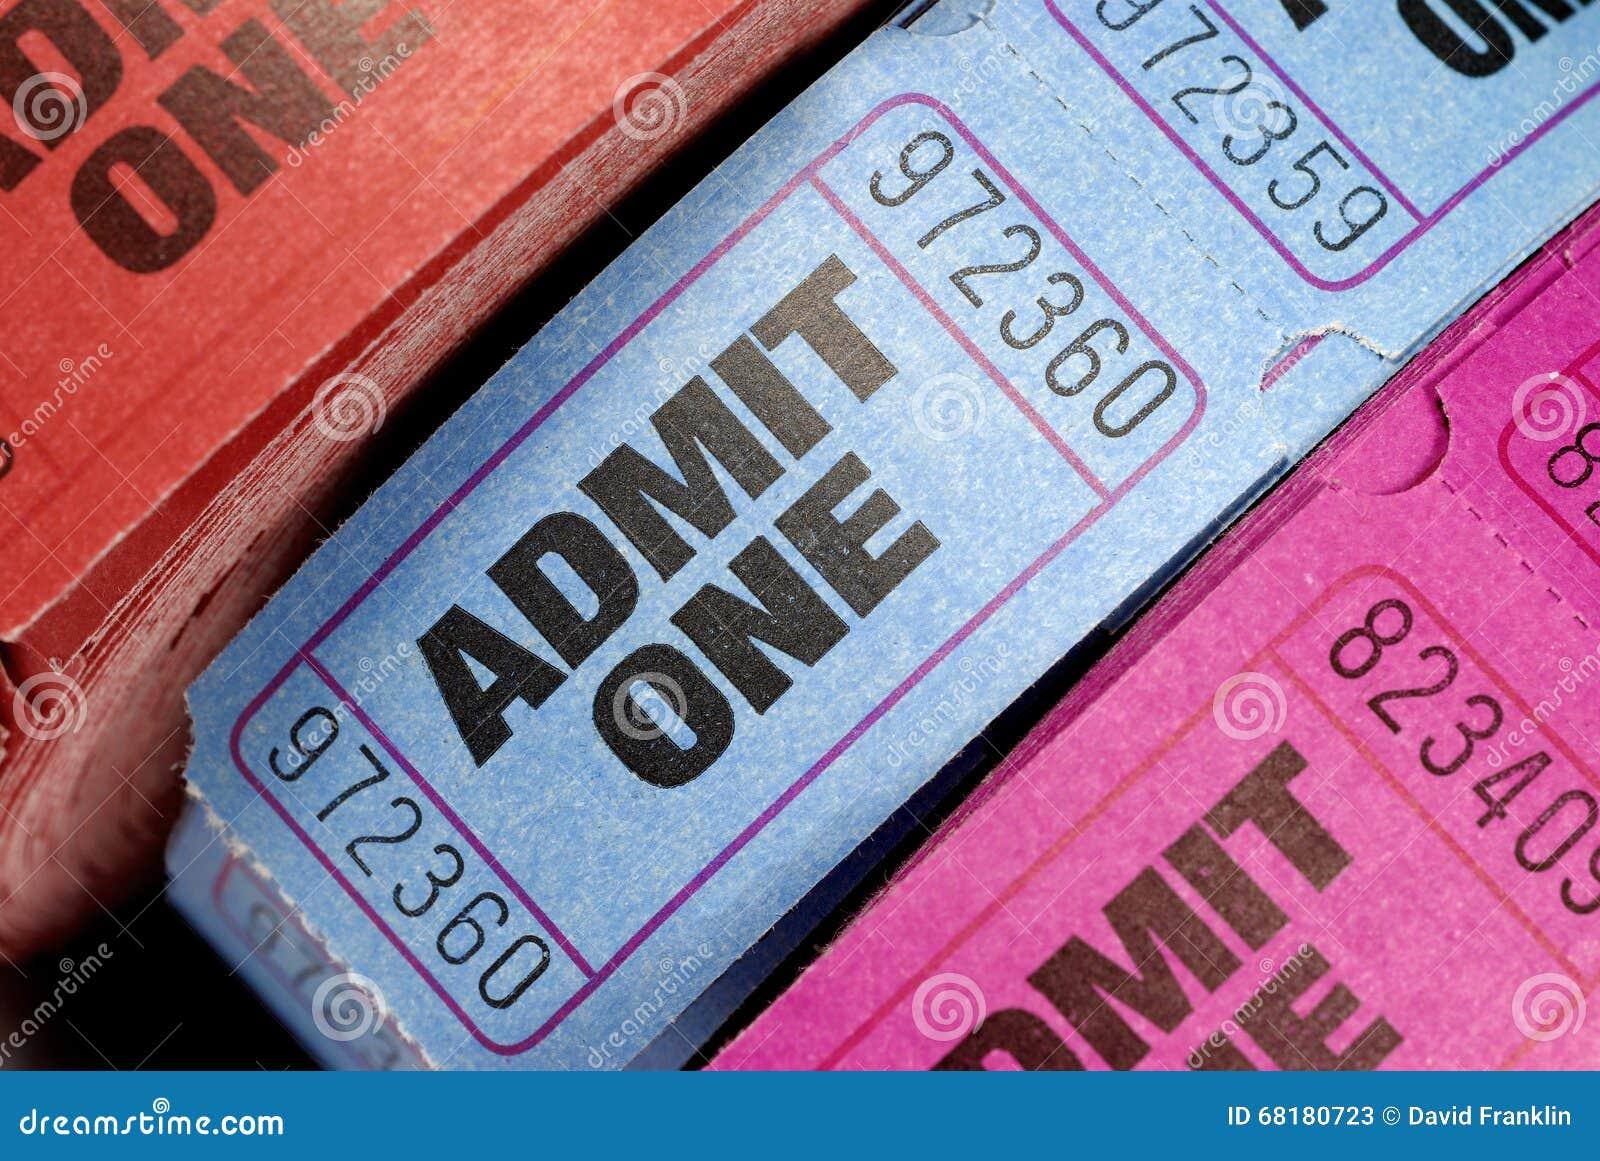 Rolls впускают один кино или крупный план билетов кино